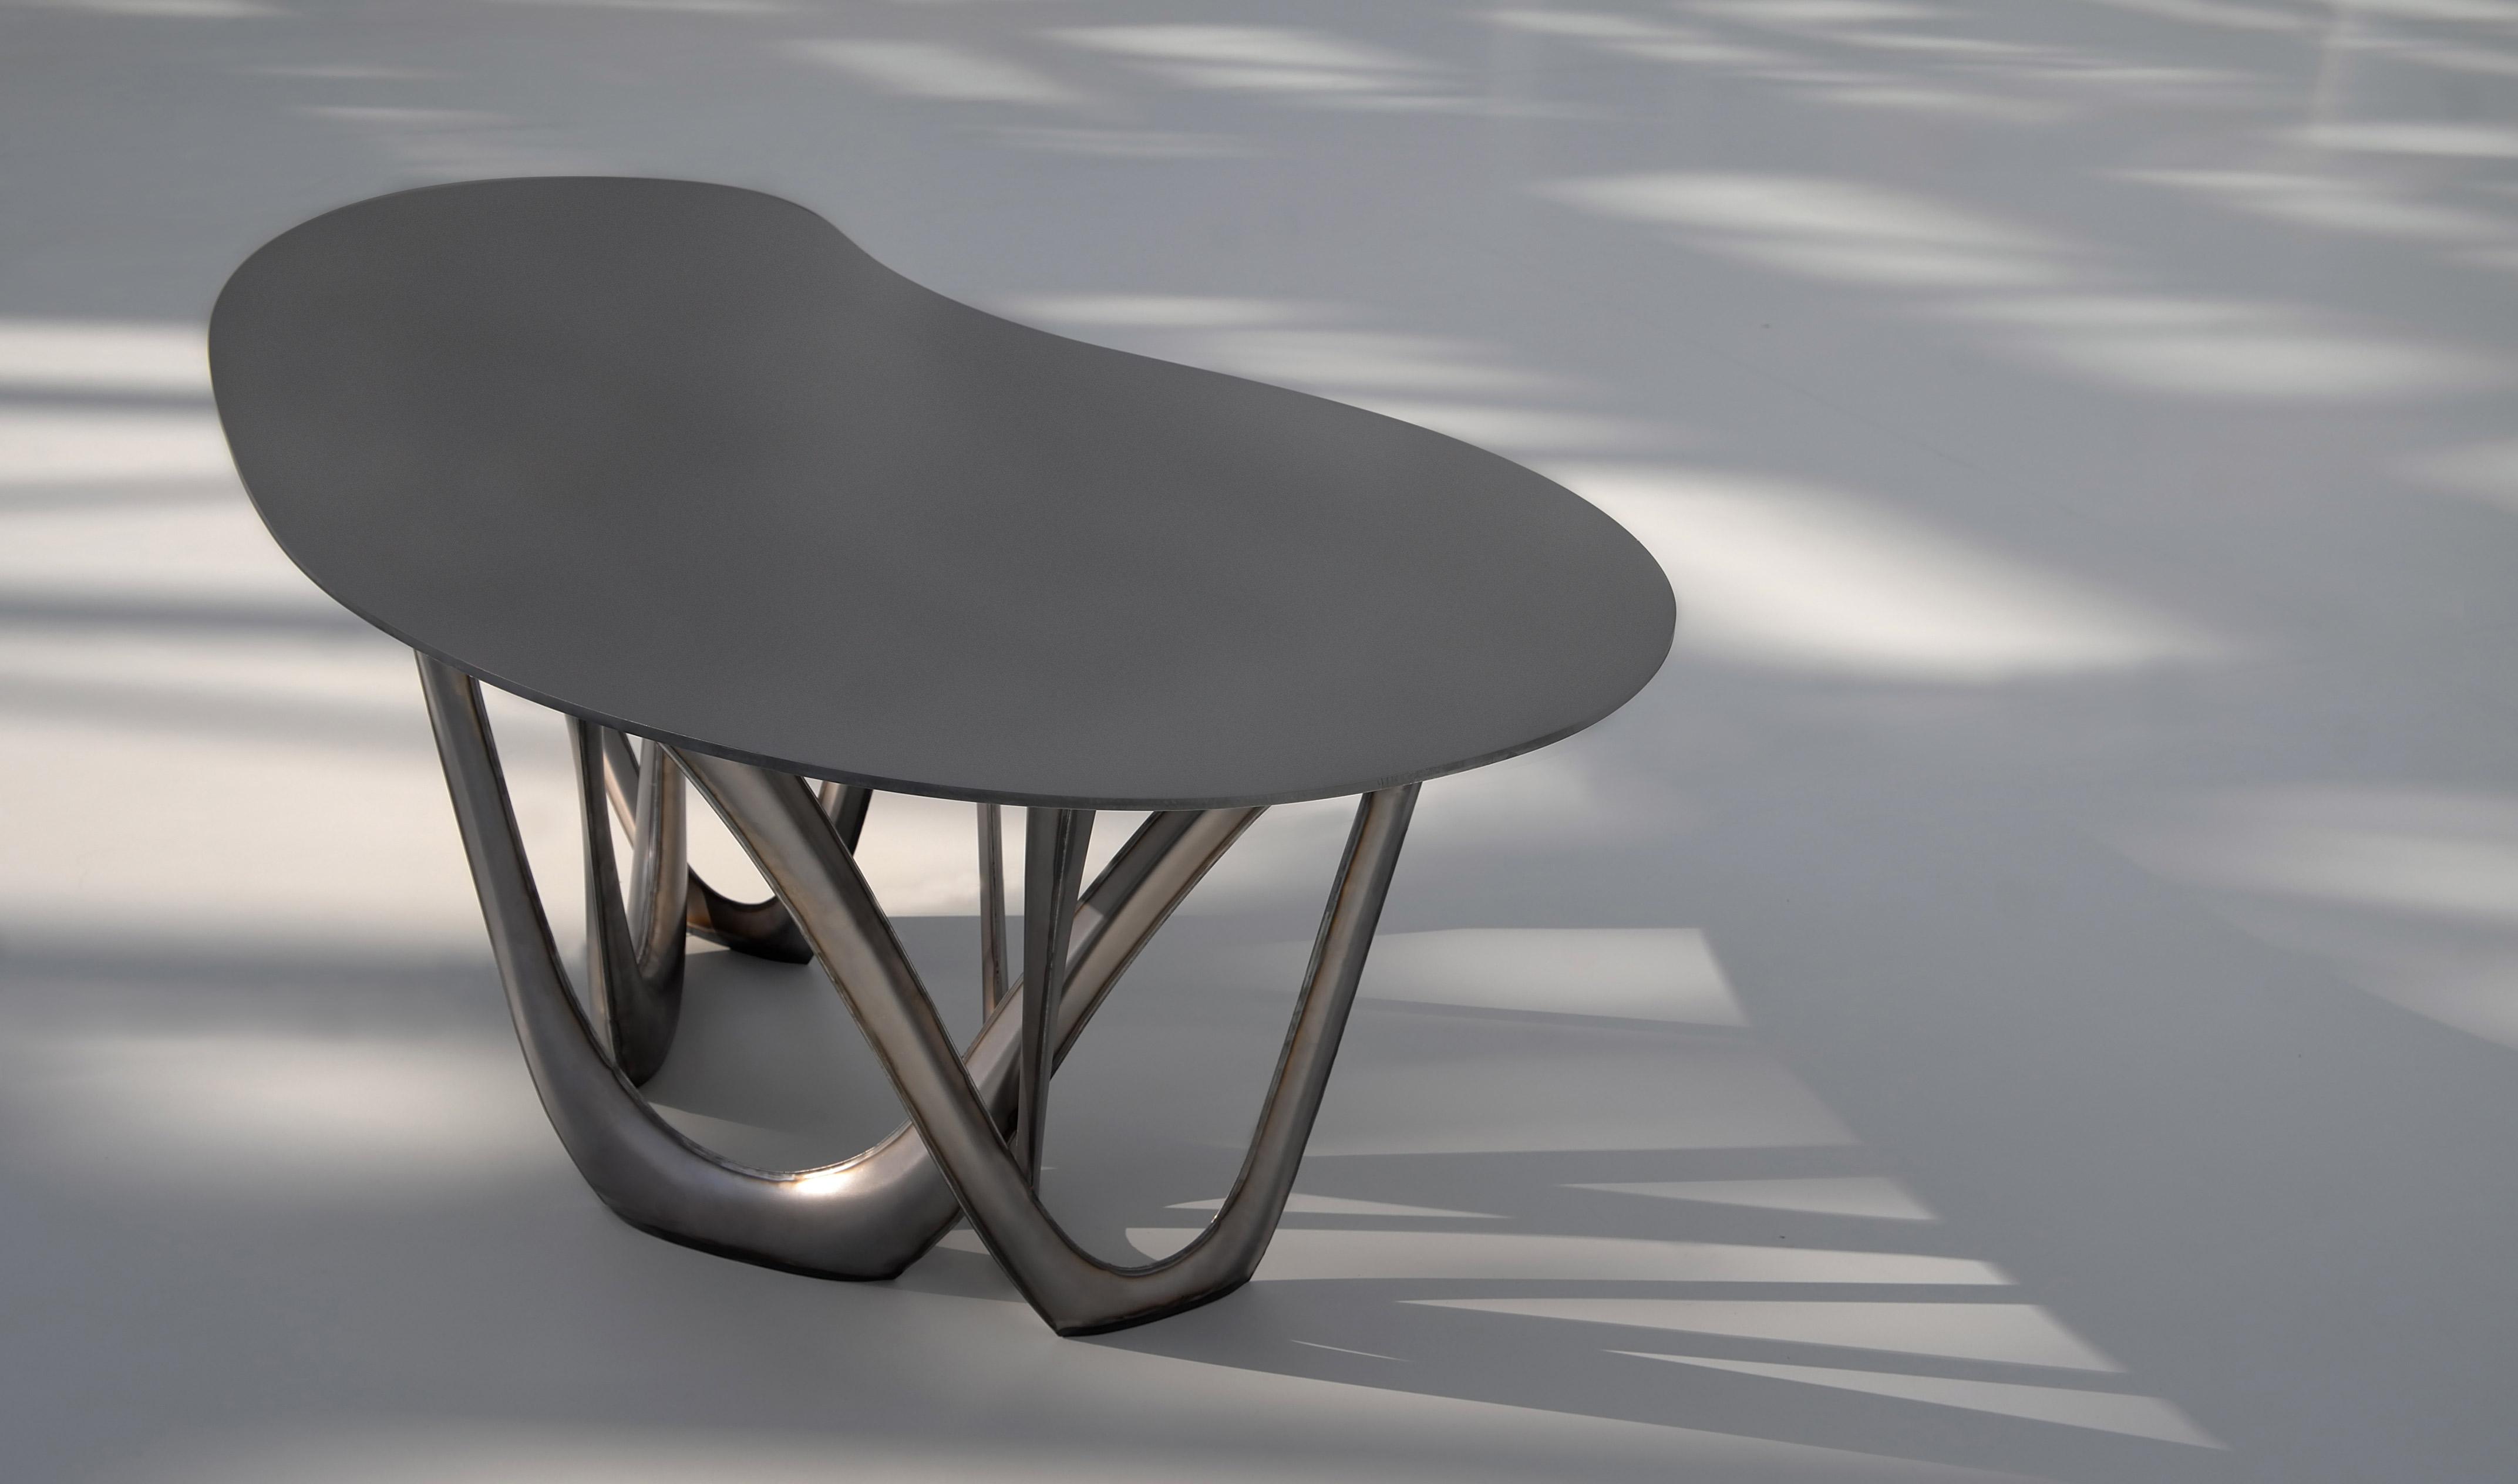 g-table_pawilon_01